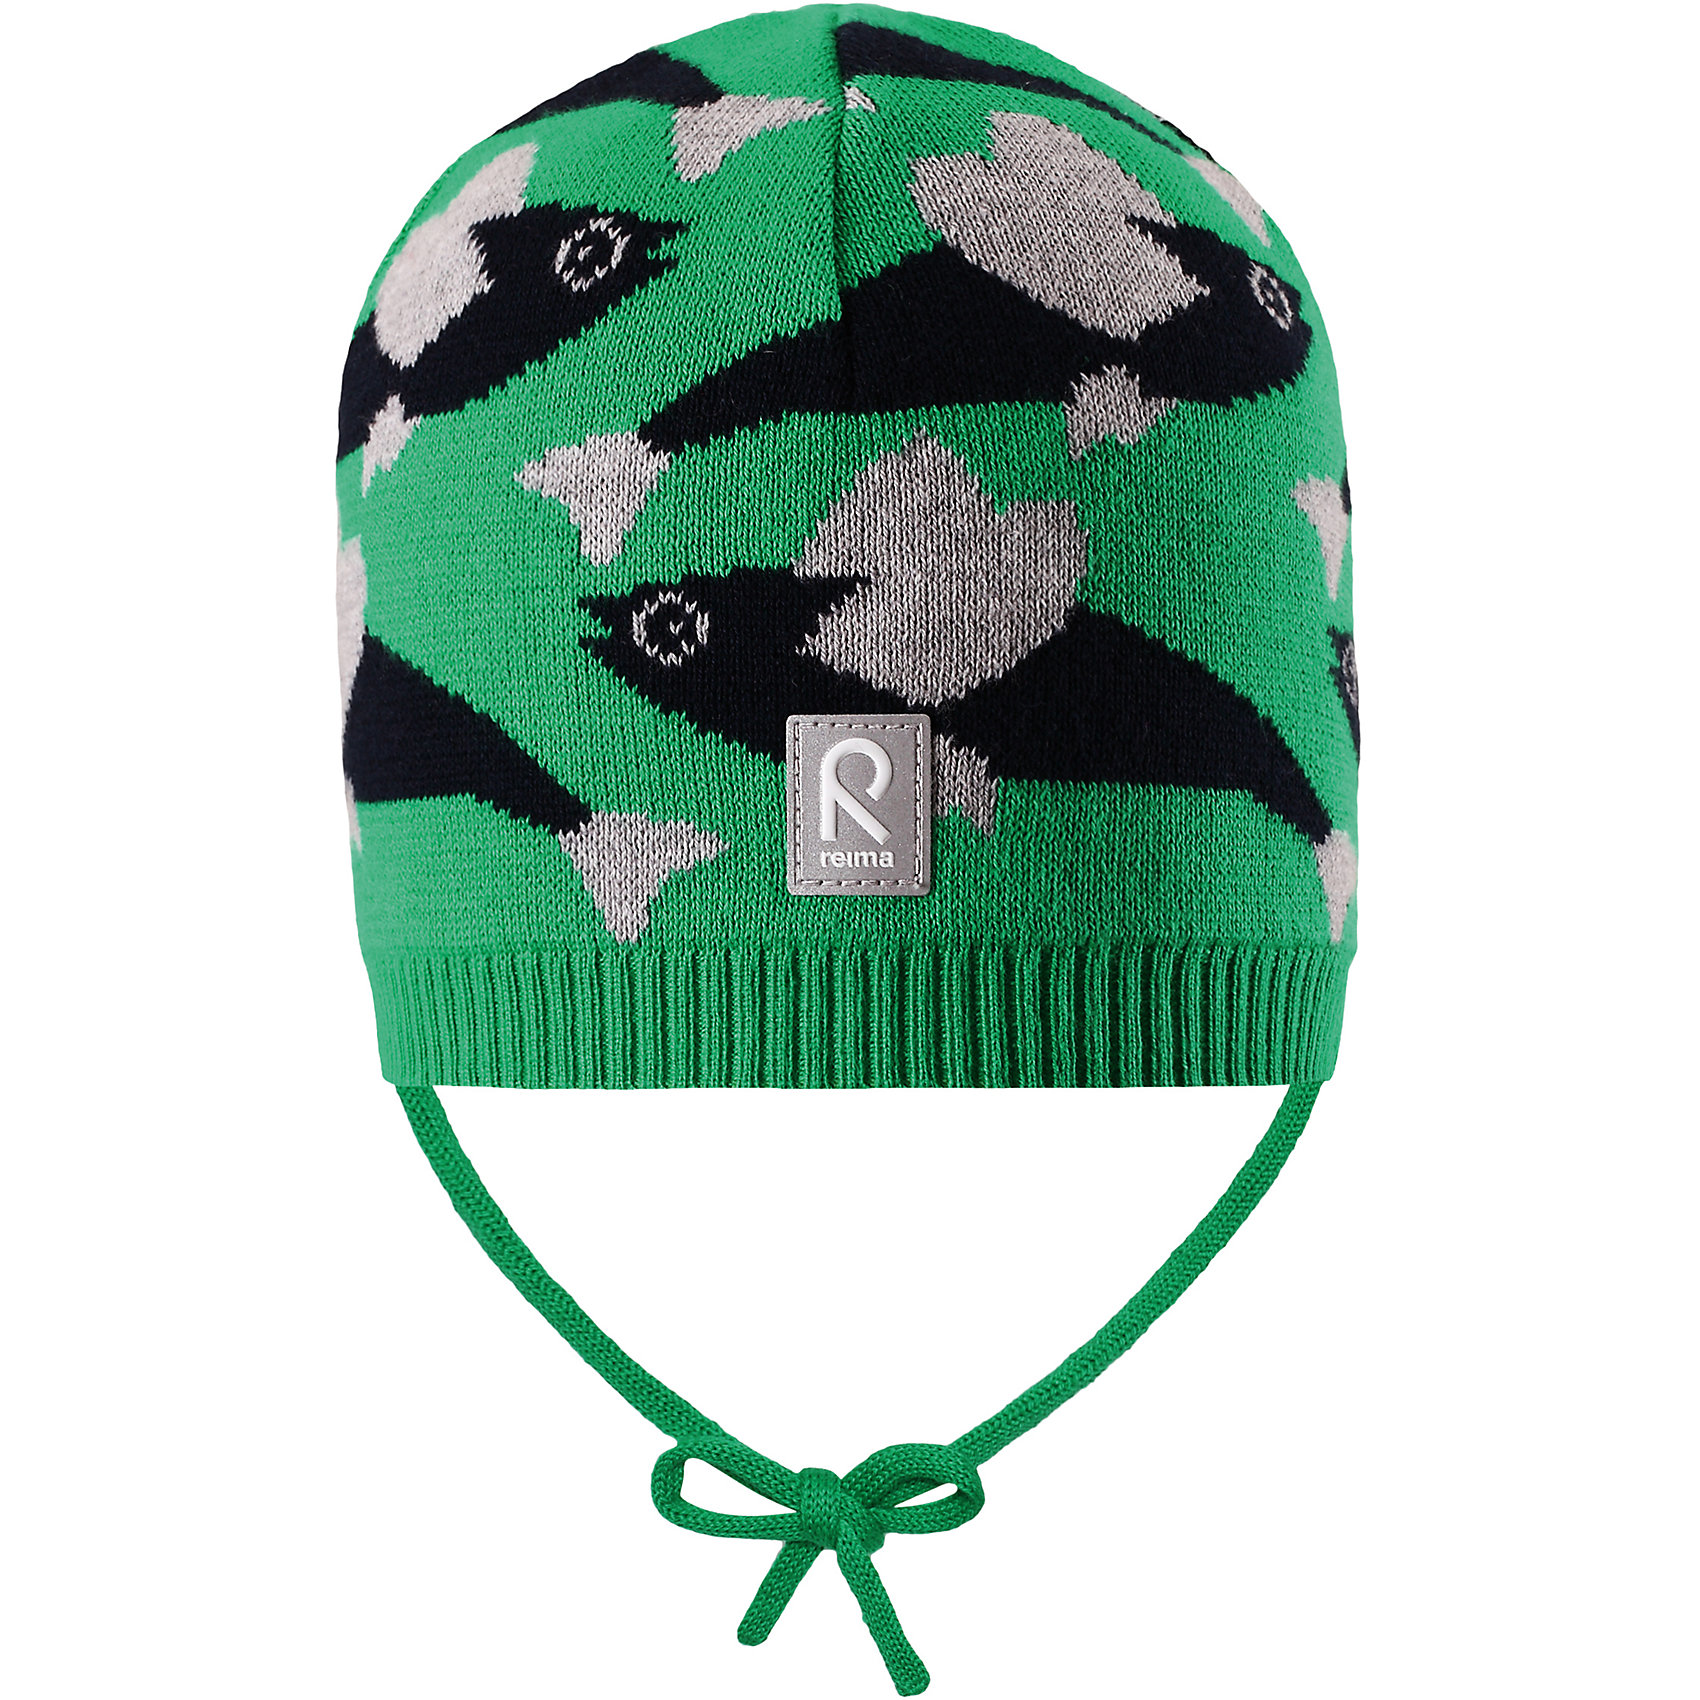 Шапка Harjus для мальчика ReimaШапки и шарфы<br>Характеристики товара:<br><br>• цвет: зелёный<br>• состав: 100% хлопок<br>• облегчённая модель без подкладки<br>• температурный режим: от +10С<br>• эластичный хлопковый трикотаж<br>• изделие сертифицированно по стандарту Oeko-Tex на продукцию класса 1 - одежда для новорождённых<br>• завязки во всех размерах<br>• эмблема Reima сзади<br>• сплошная жаккардовая узорная вязка<br>• страна бренда: Финляндия<br>• страна производства: Китай<br><br>Детский головной убор может быть модным и удобным одновременно! Стильная шапка поможет обеспечить ребенку комфорт и дополнить наряд.Шапка удобно сидит и аккуратно выглядит. Проста в уходе, долго служит. Стильный дизайн разрабатывался специально для детей. Отличная защита от дождя и ветра!<br><br>Уход:<br><br>• стирать по отдельности, вывернув наизнанку<br>• придать первоначальную форму вo влажном виде<br>• возможна усадка 5 %.<br><br>Шапку для мальчика от финского бренда Reima (Рейма) можно купить в нашем интернет-магазине.<br><br>Ширина мм: 89<br>Глубина мм: 117<br>Высота мм: 44<br>Вес г: 155<br>Цвет: зеленый<br>Возраст от месяцев: 18<br>Возраст до месяцев: 36<br>Пол: Мужской<br>Возраст: Детский<br>Размер: 46,52,50,48<br>SKU: 5270936